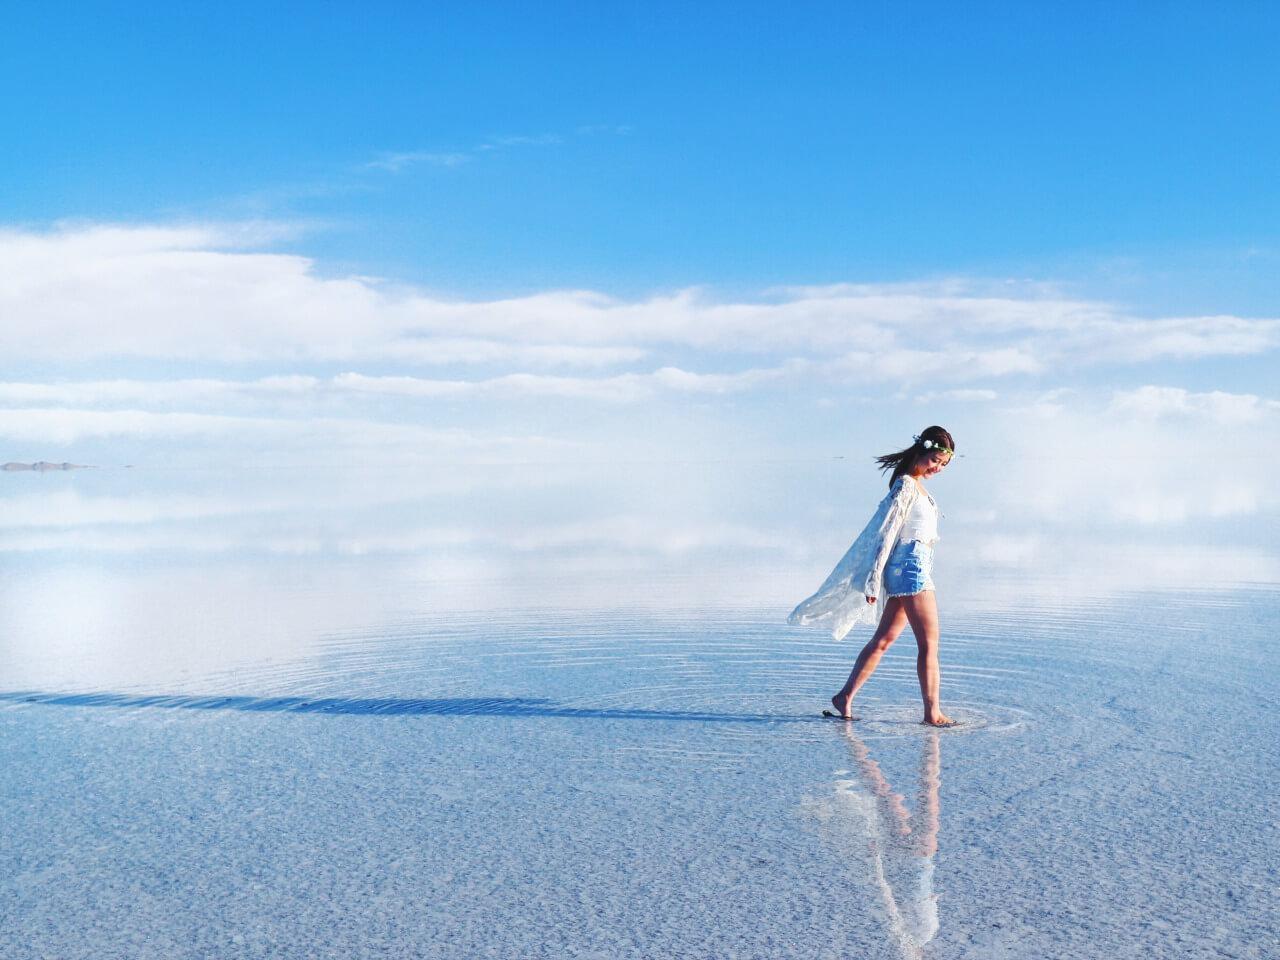 """プロトラベラー・aiaiさんに聞く、最高の美景が見られる旅先の見つけ方「""""キュンキュン""""した景色を見つけたら、直感を信じて旅します」"""